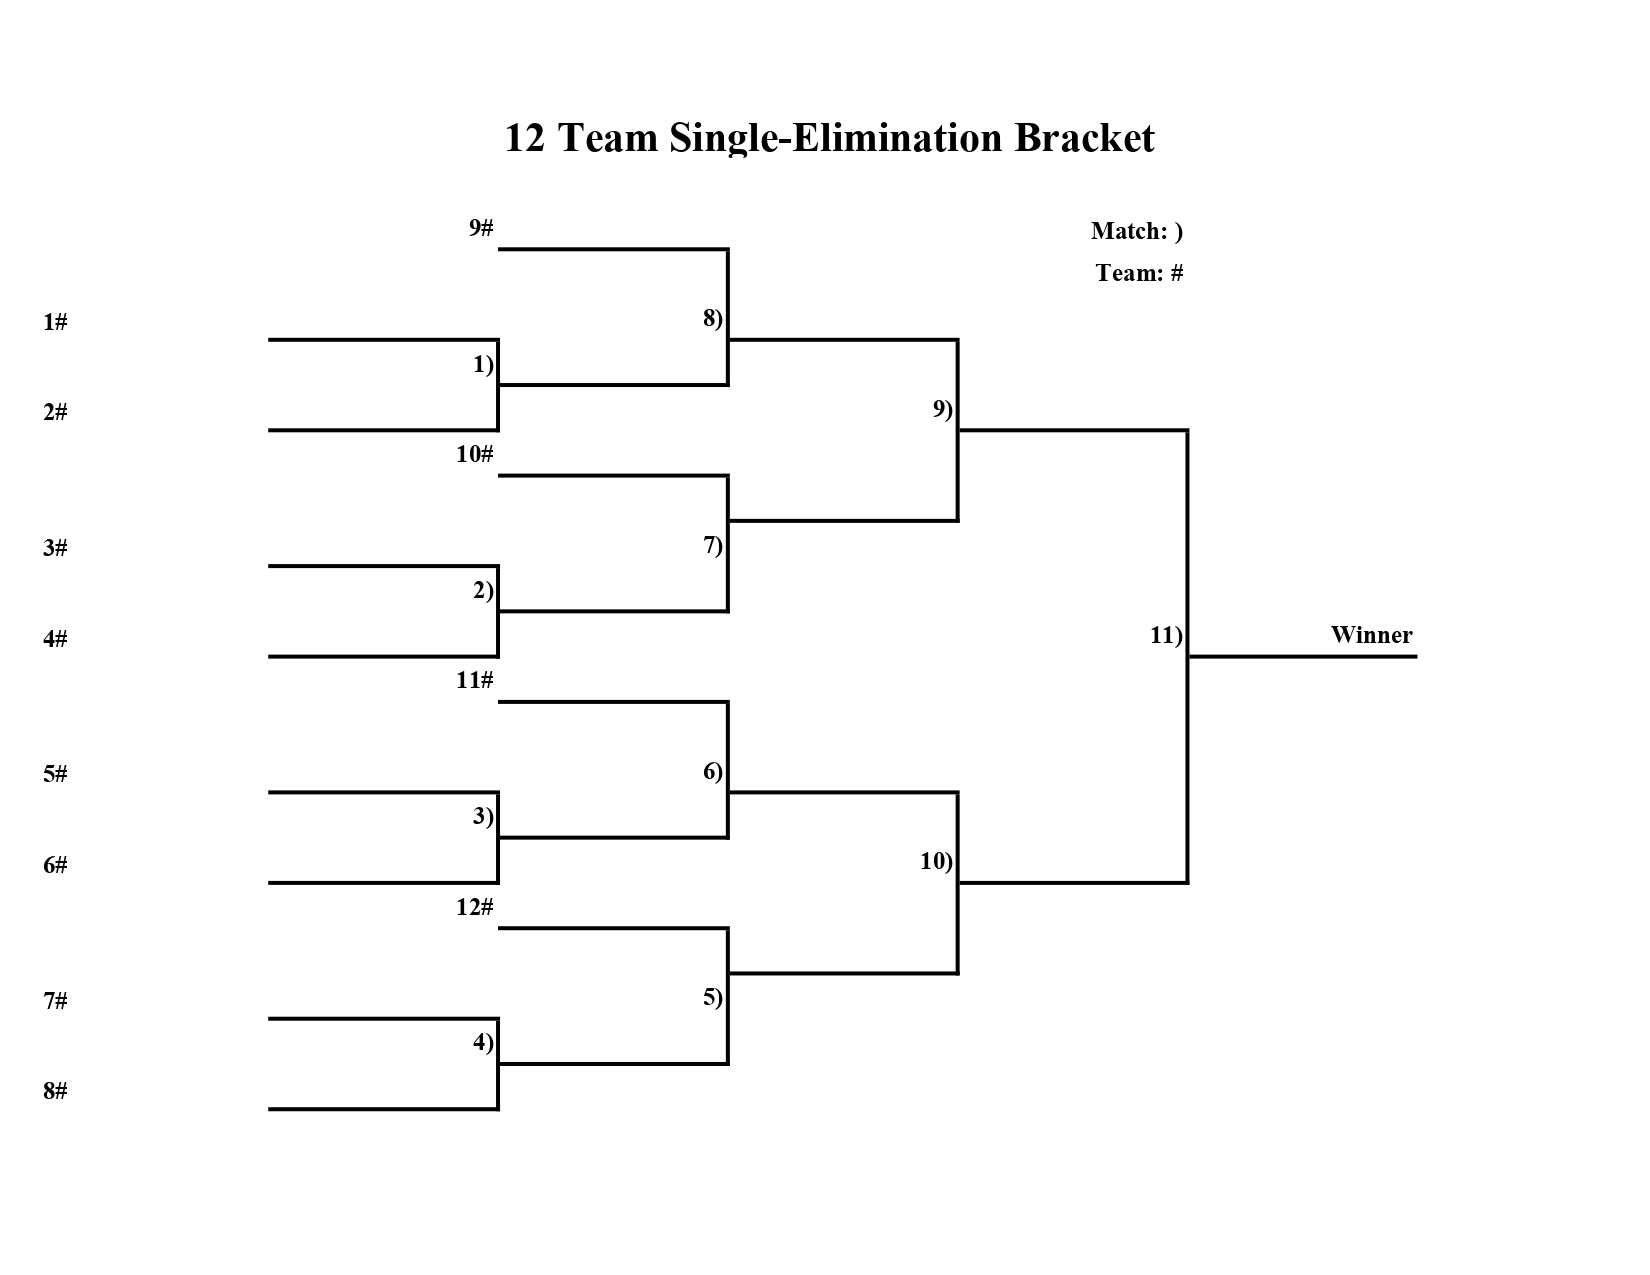 12-team single-elimination bracket